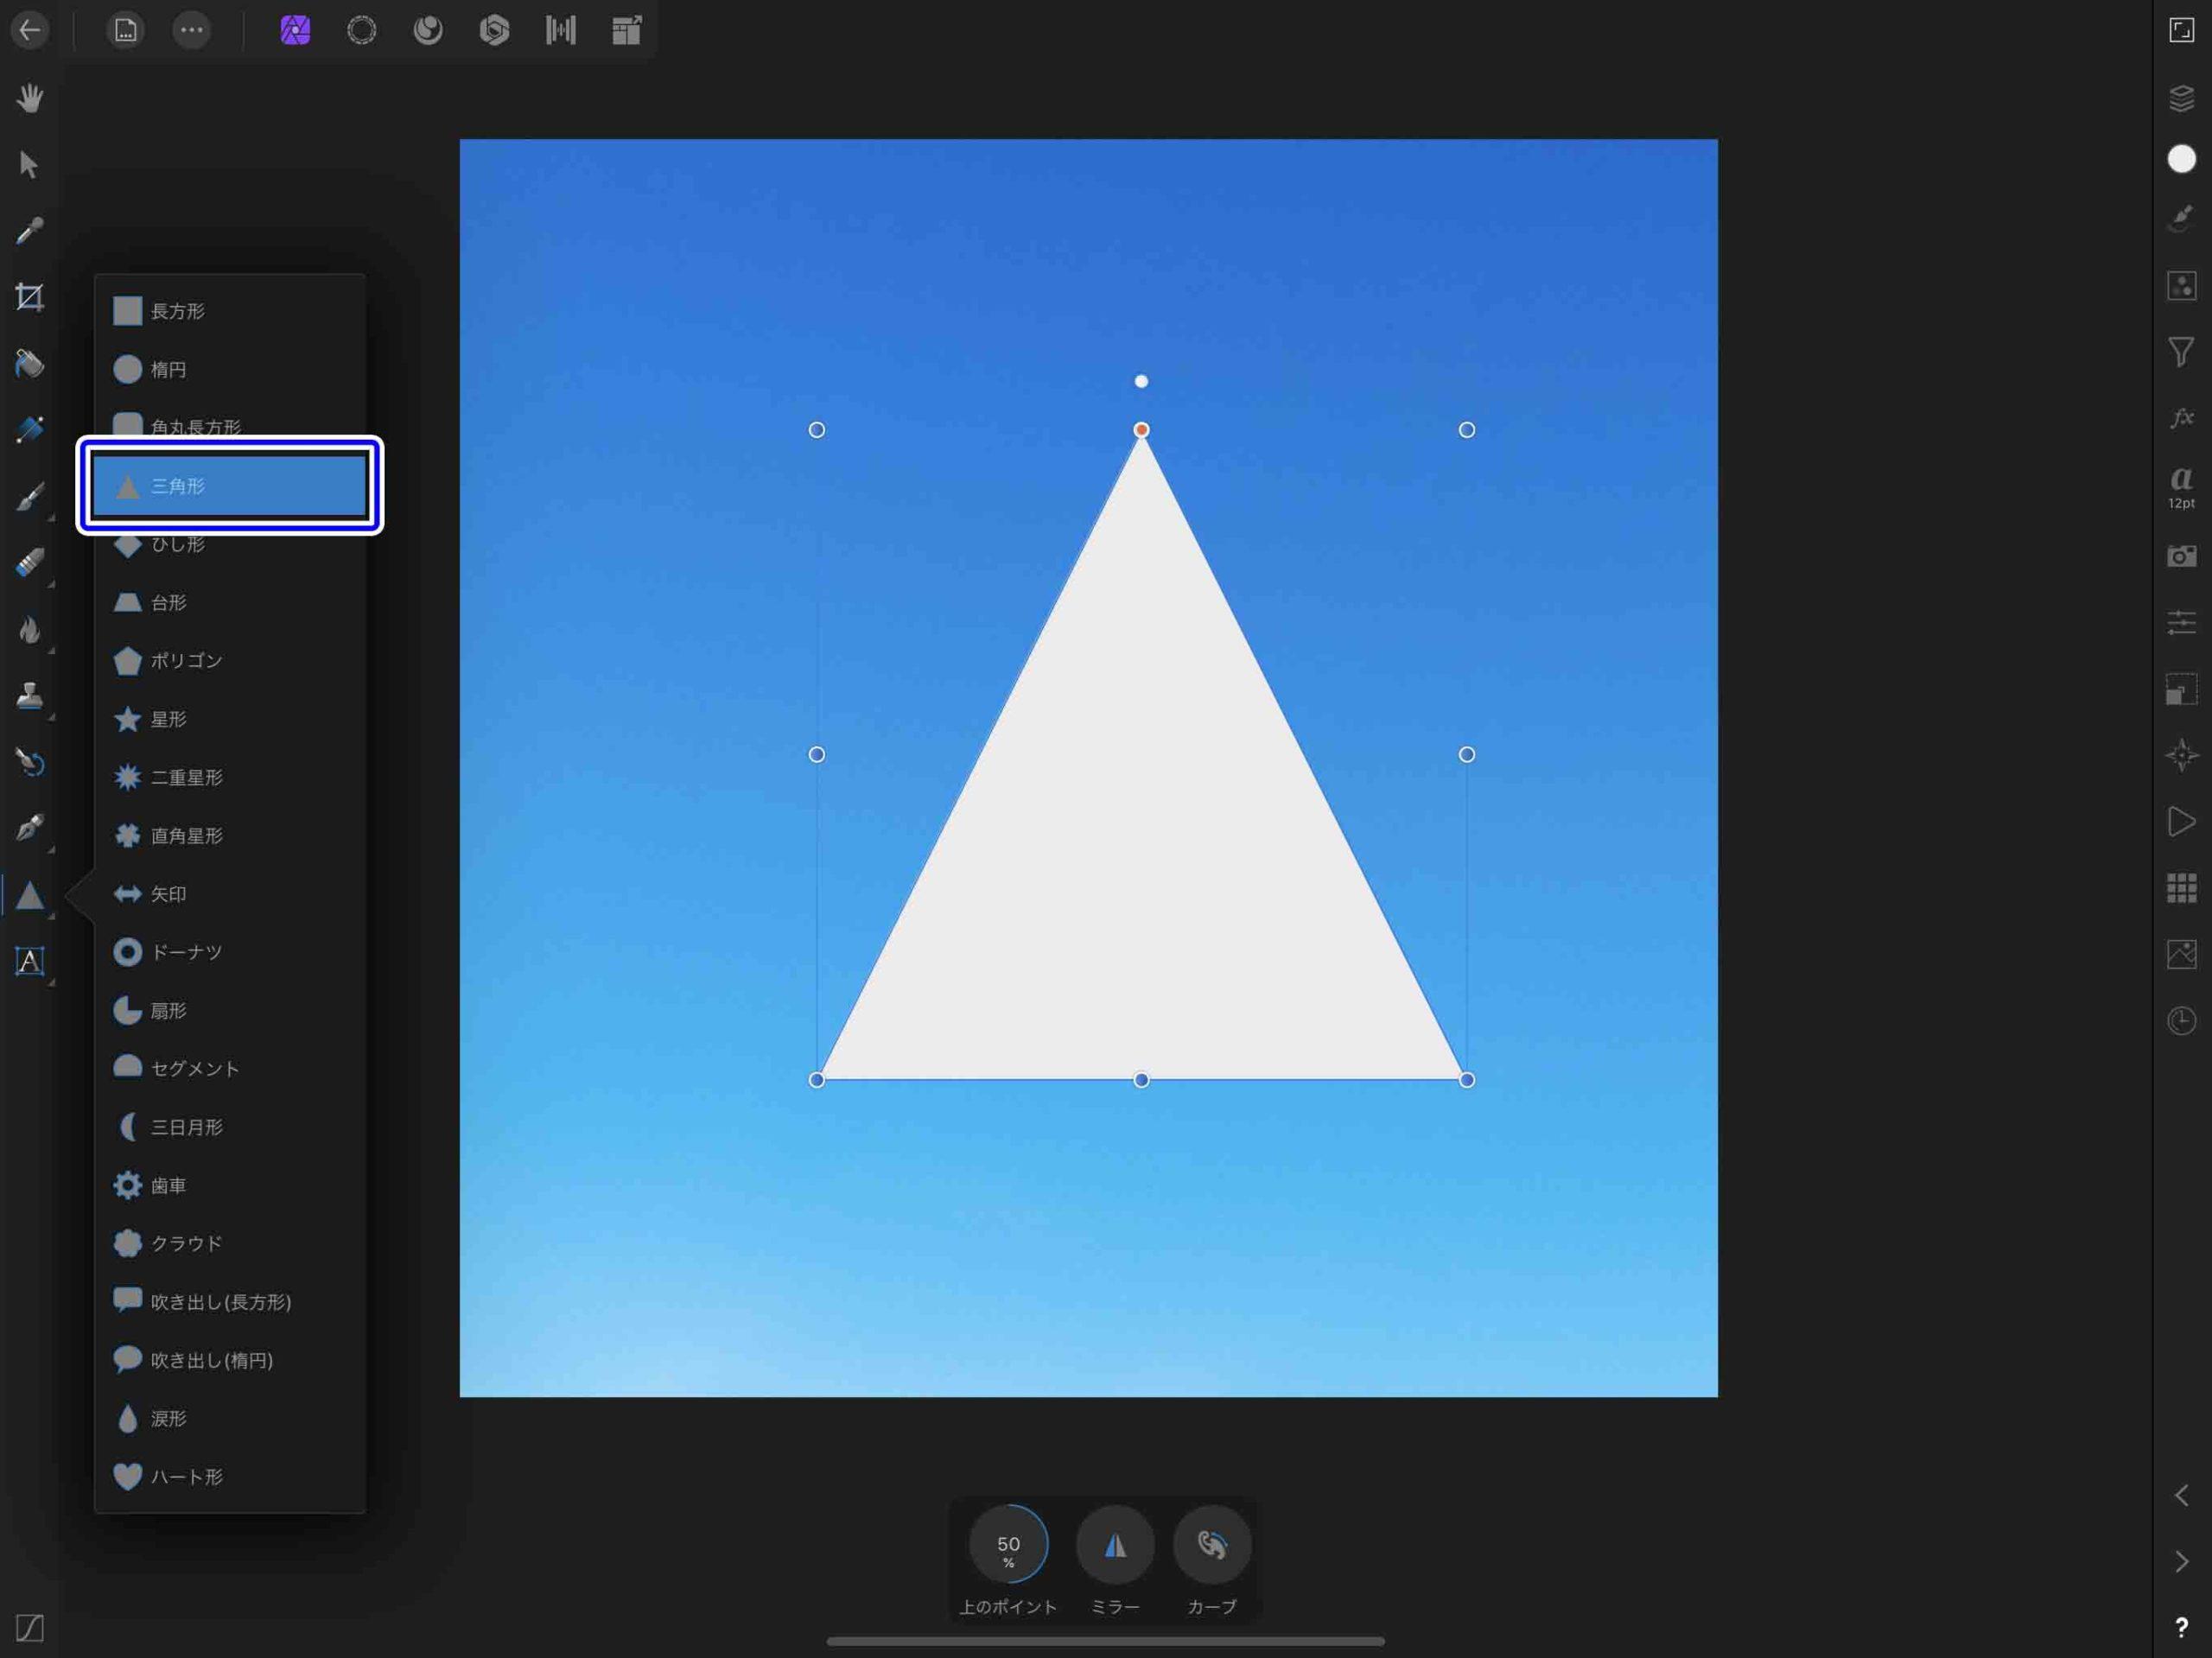 三角形ツール